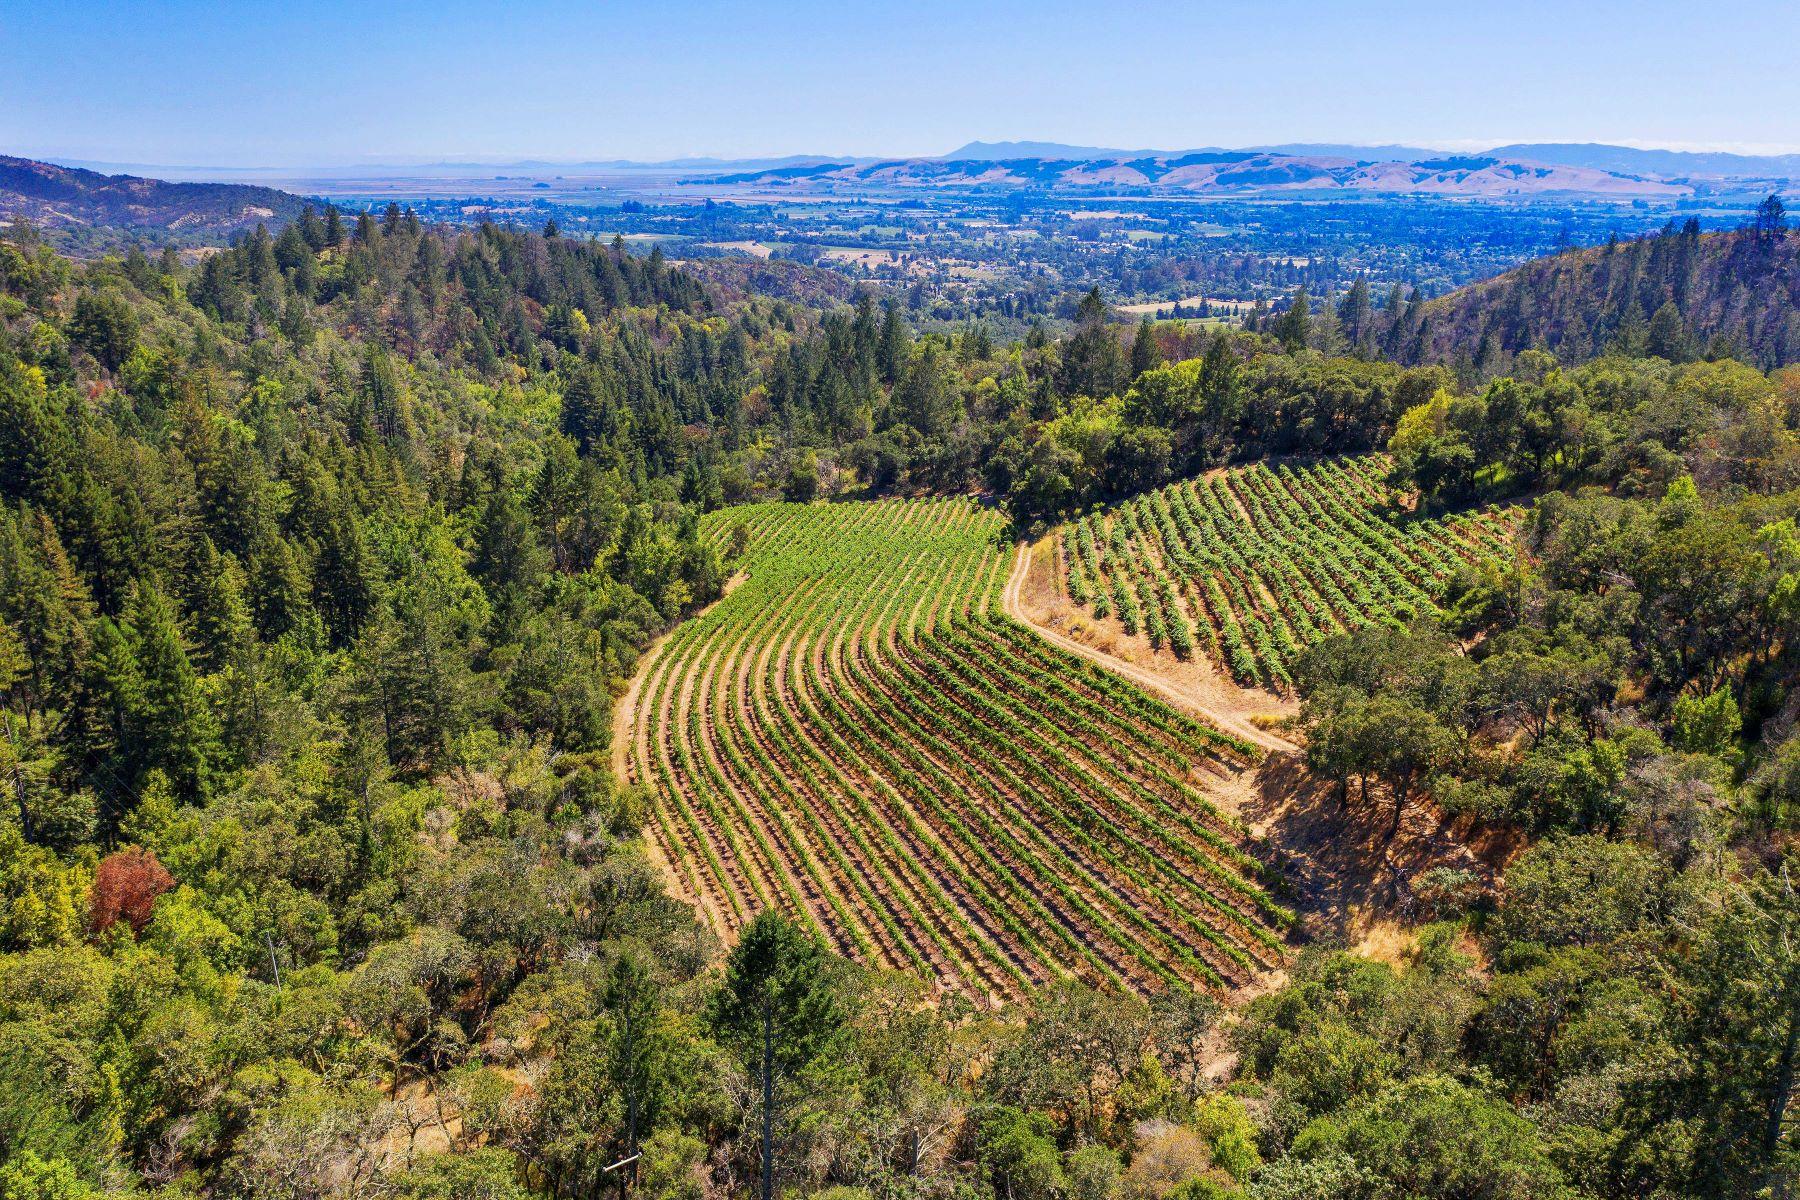 Terreno por un Venta en Wine Country Serenity 2500 Castle Rd Sonoma, California 95476 Estados Unidos